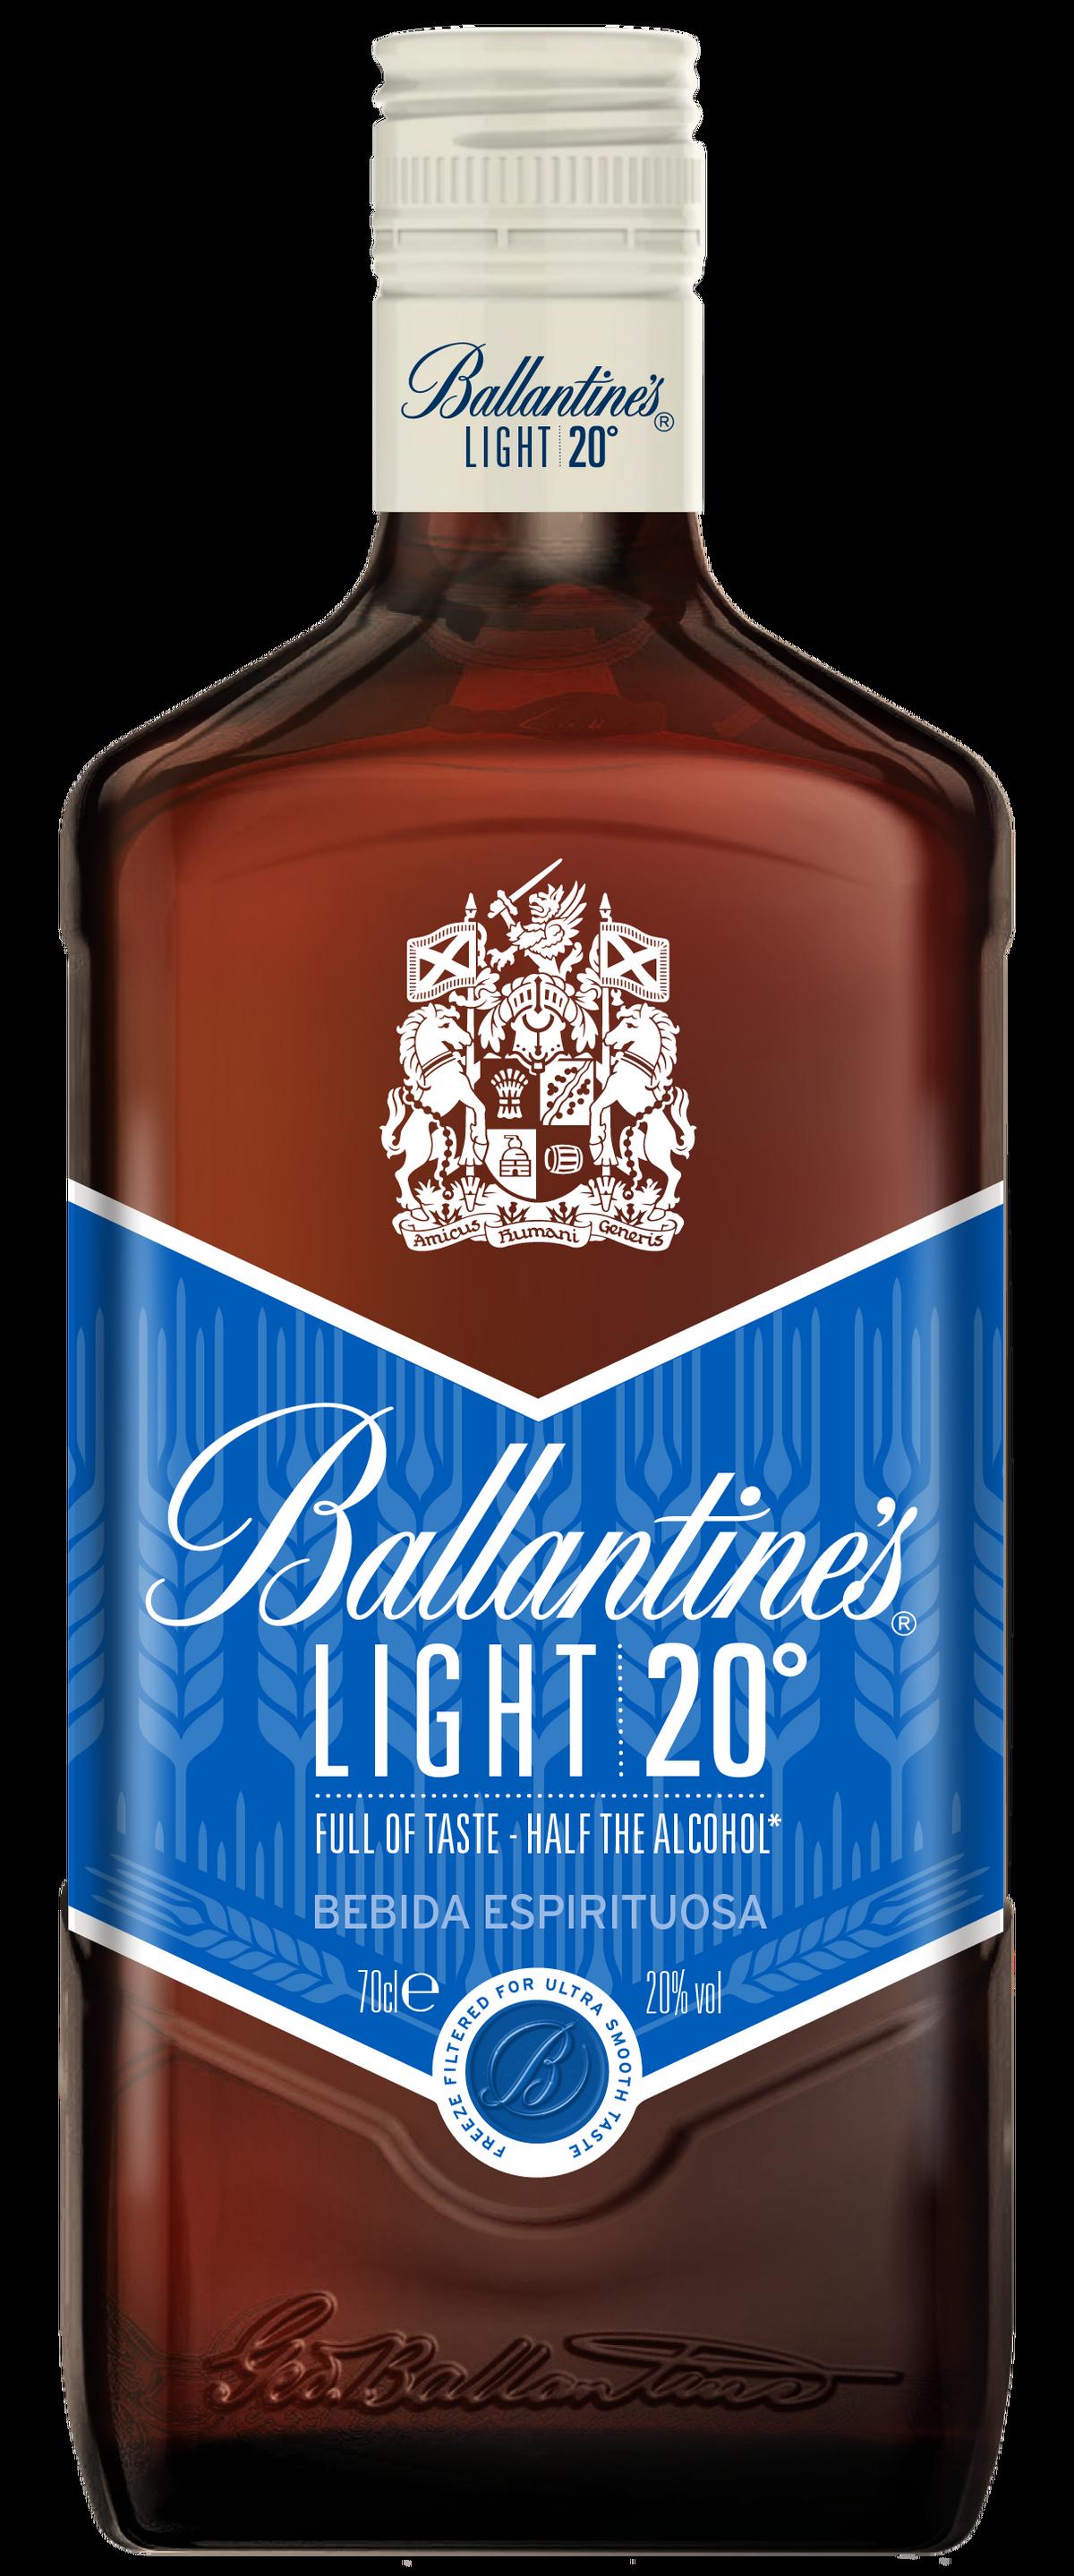 Ballantines-Light_1546055567_133989268_1200x2878